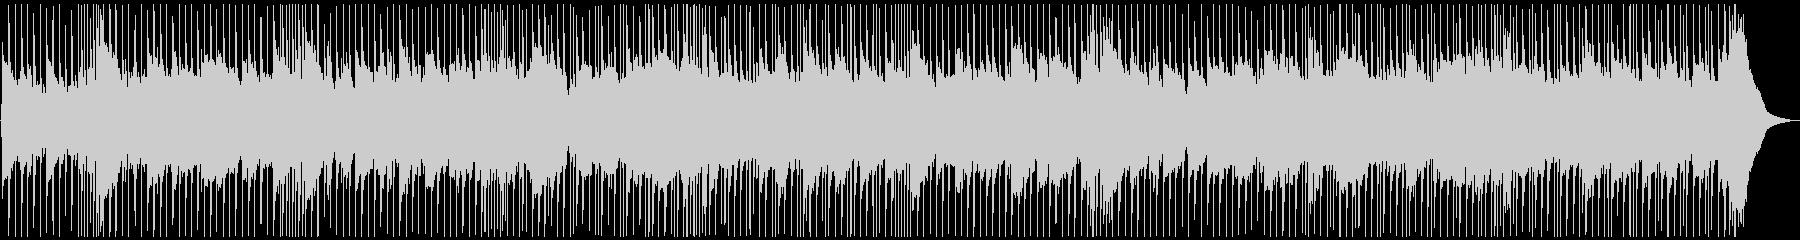 ハードロックバラードの未再生の波形